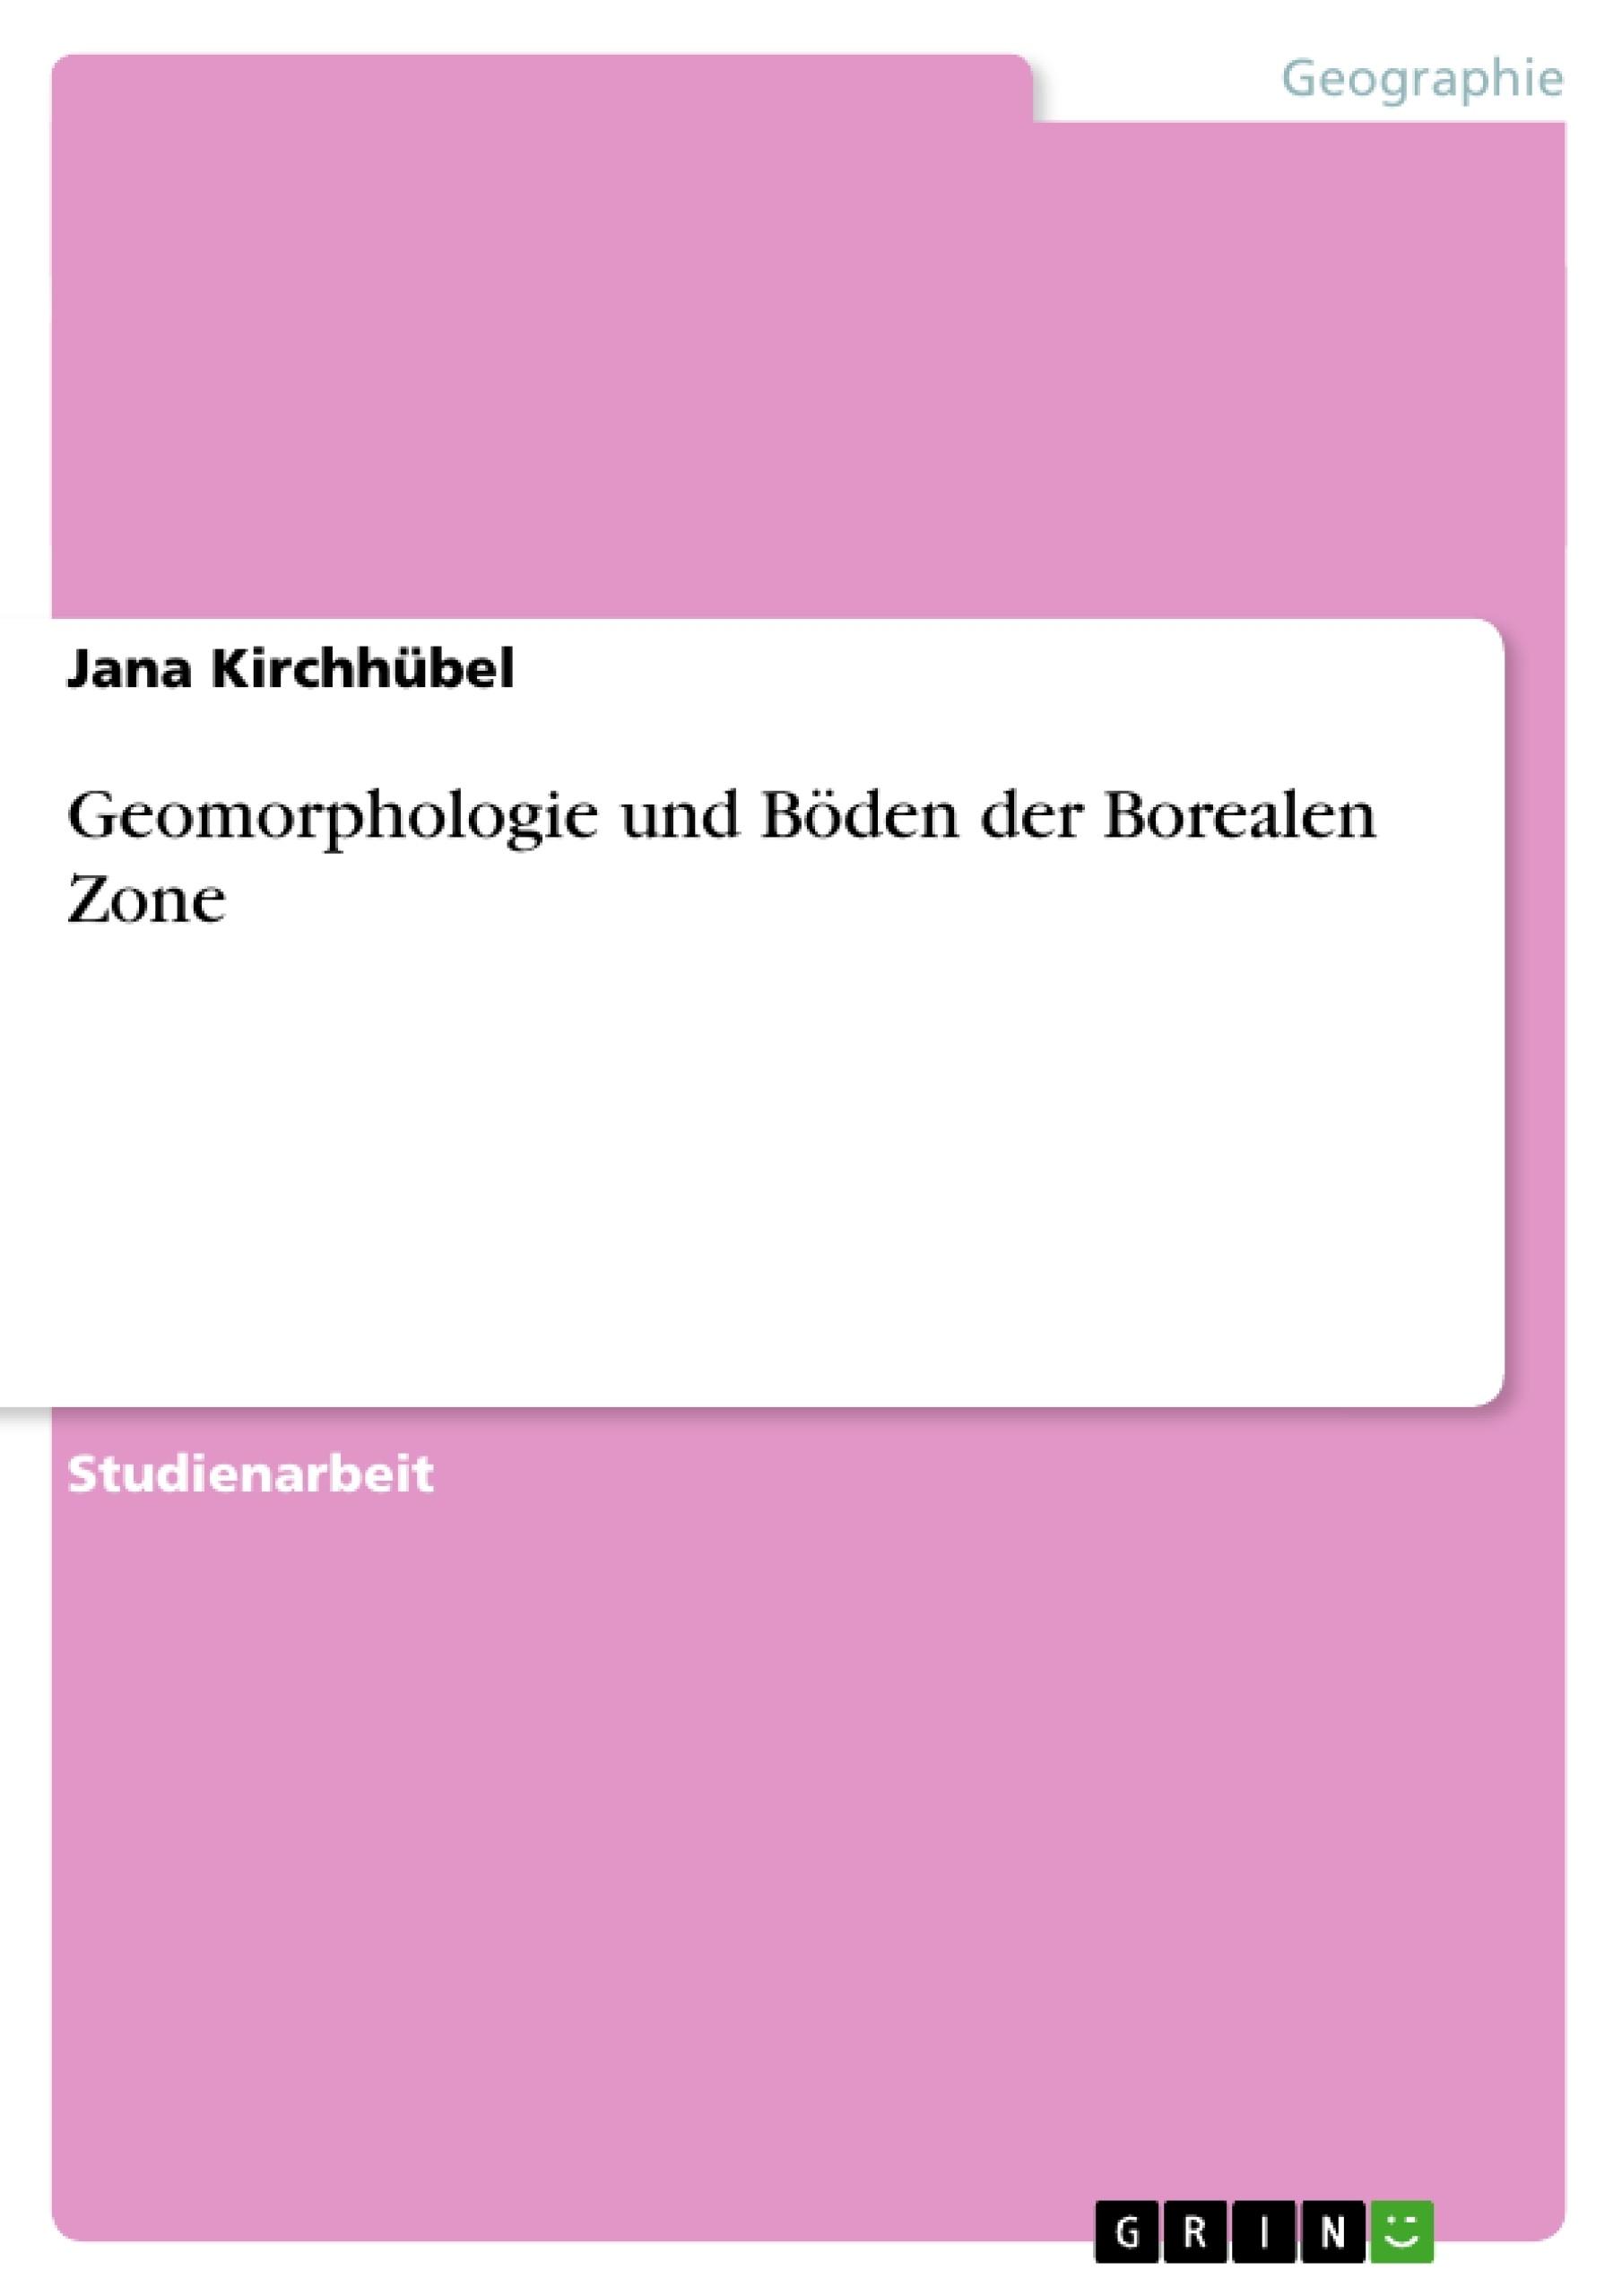 Titel: Geomorphologie und Böden der Borealen Zone